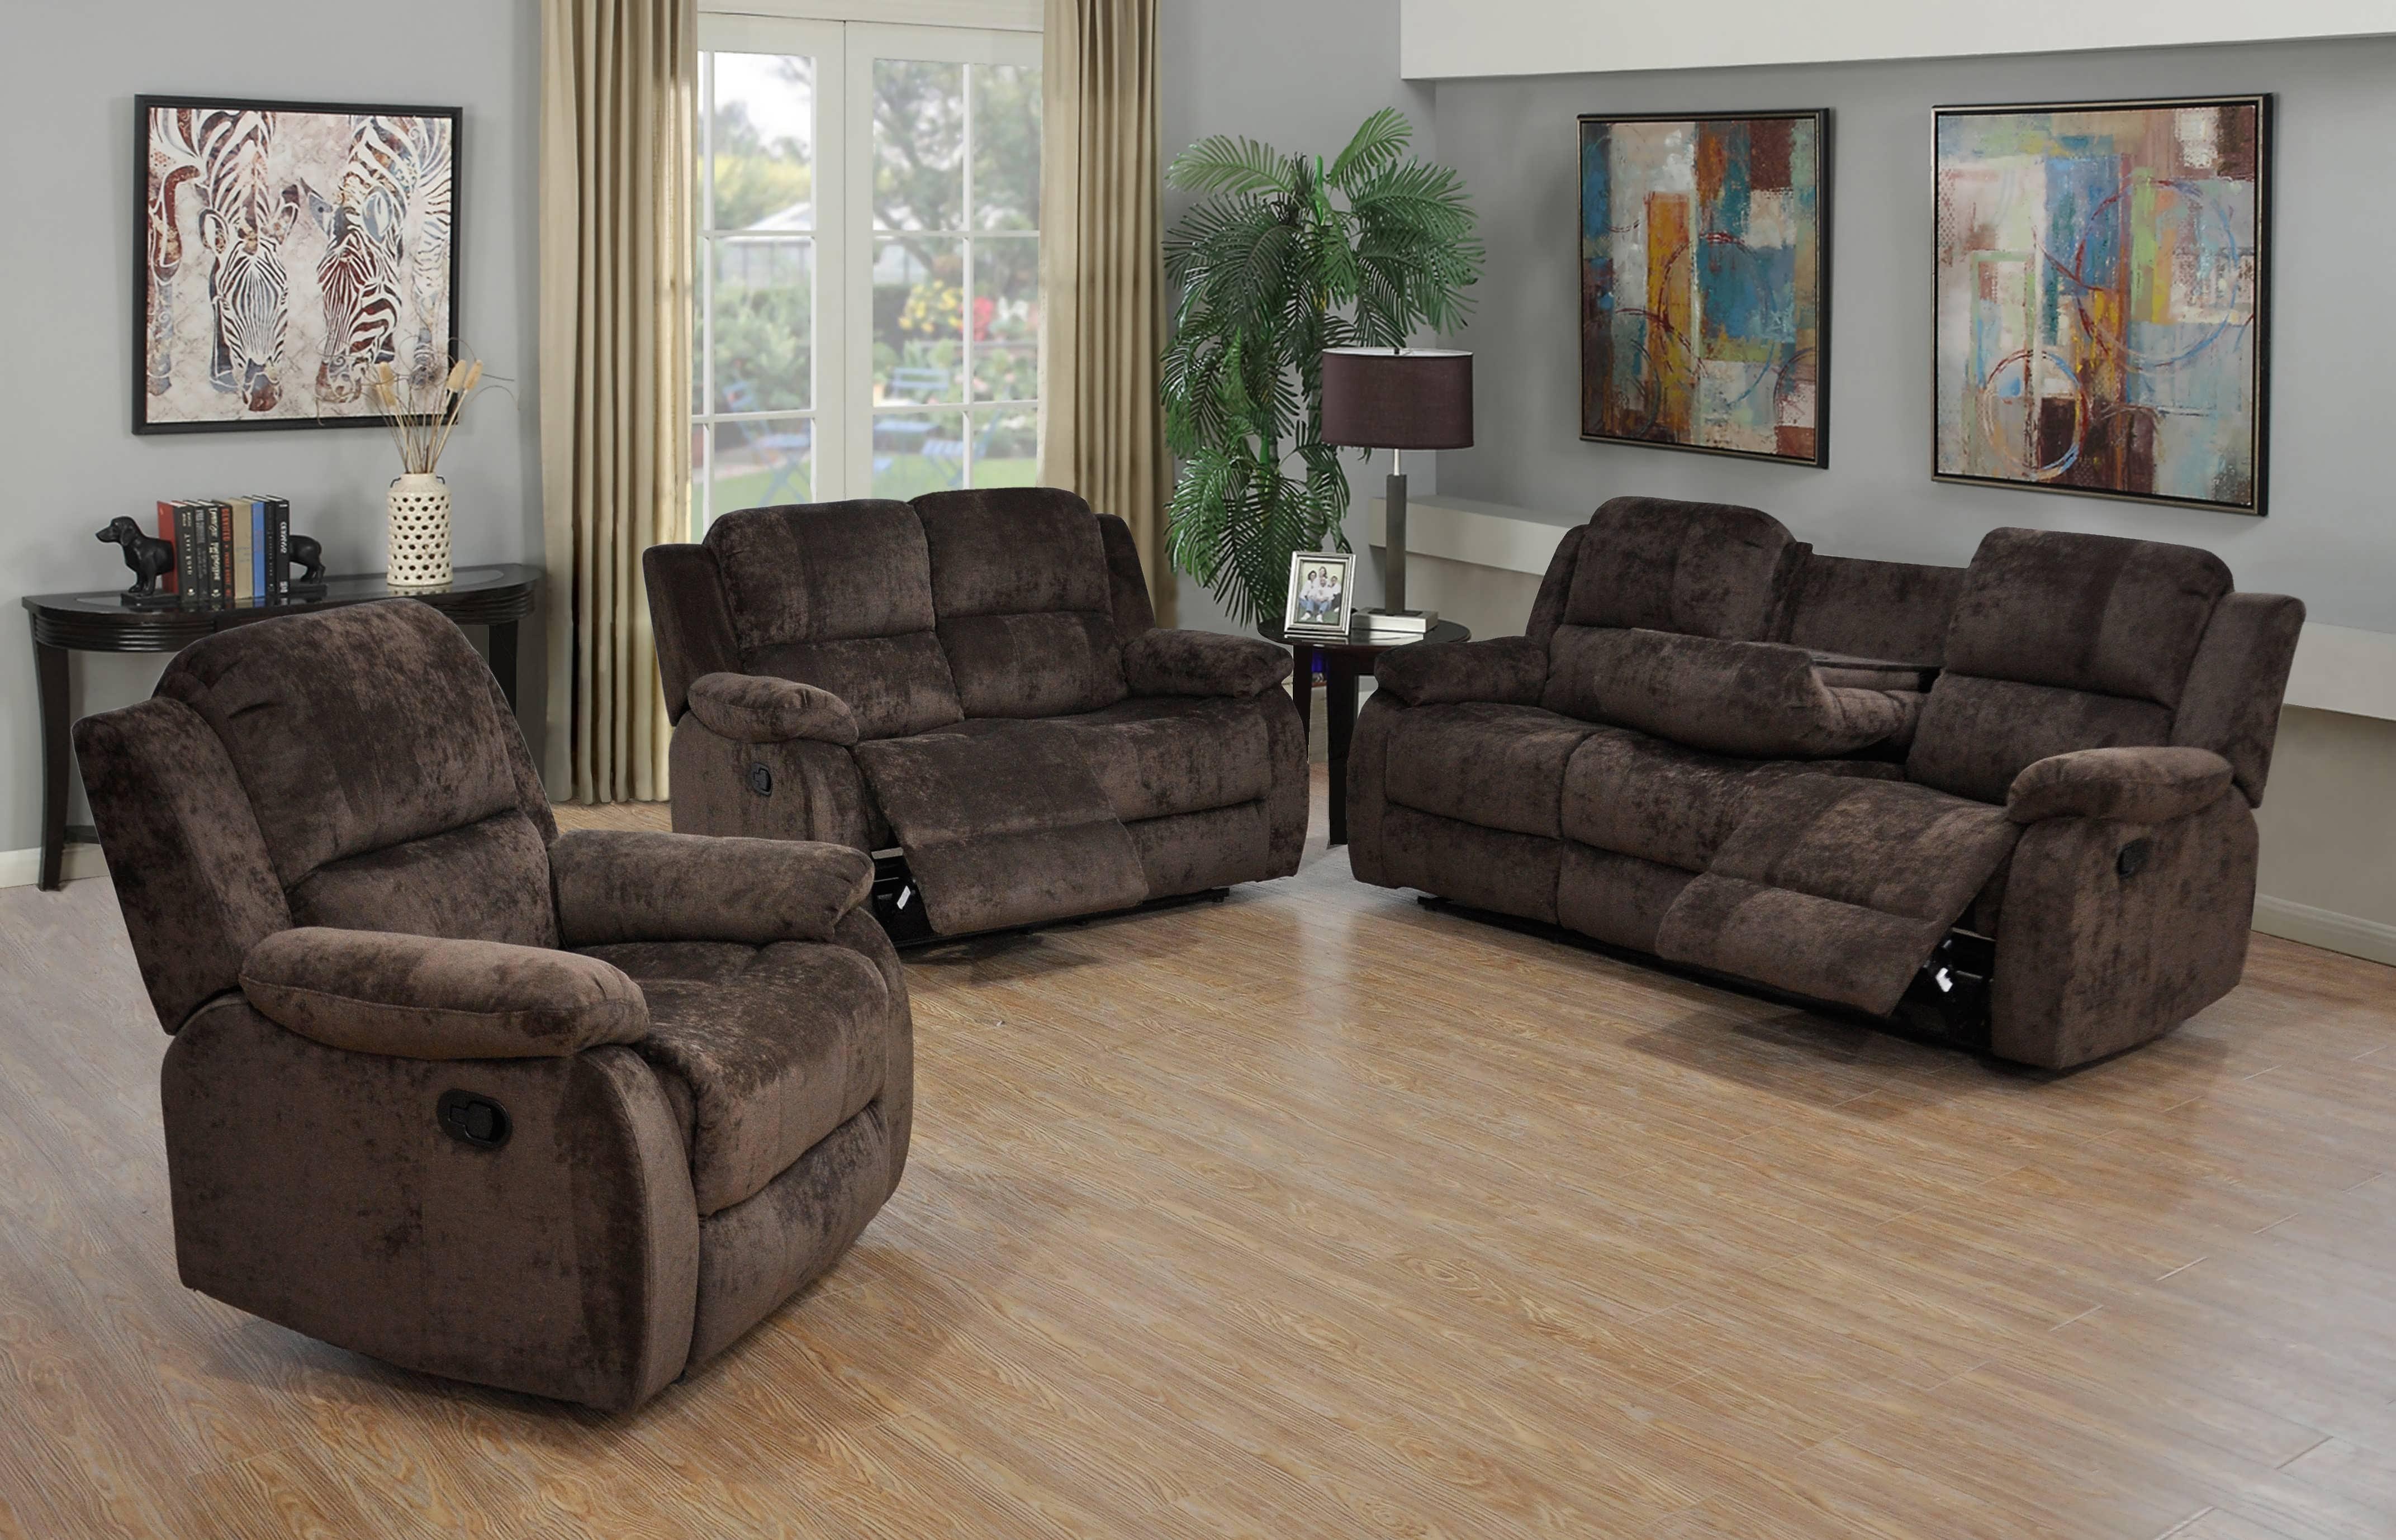 Furniture : Tufted Furniture Diy Sectional Sofa Kijiji Kitchener Regarding Kijiji Kitchener Sectional Sofas (View 2 of 10)